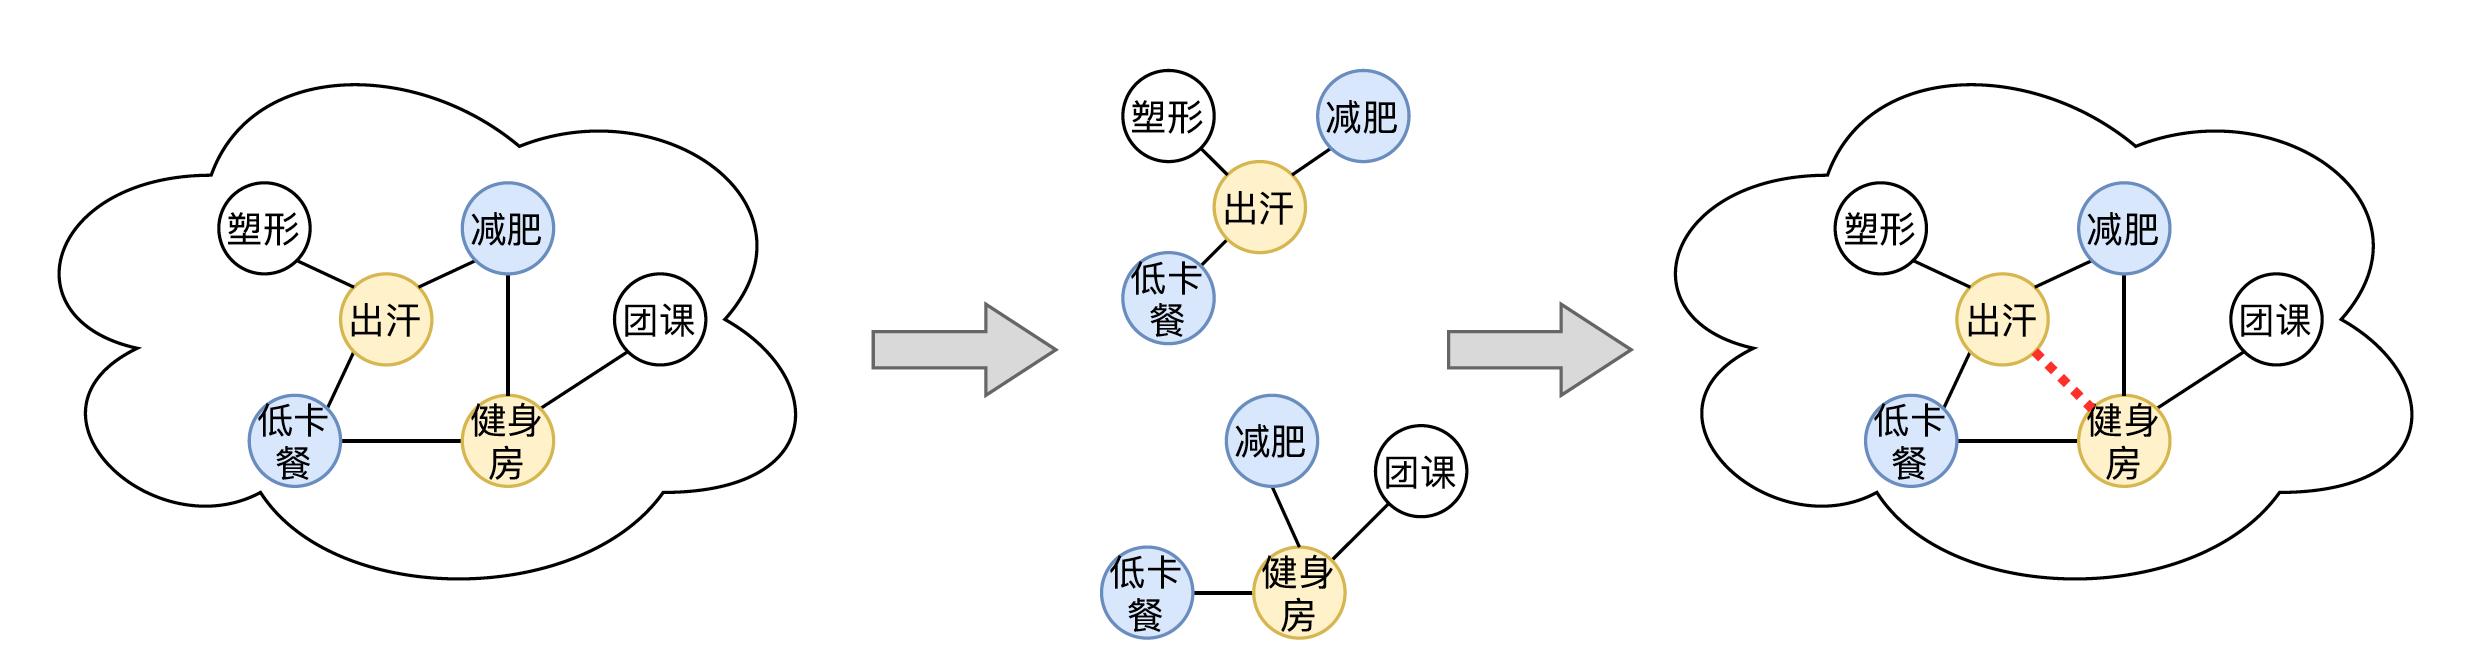 图17 概念承接关系补足图示